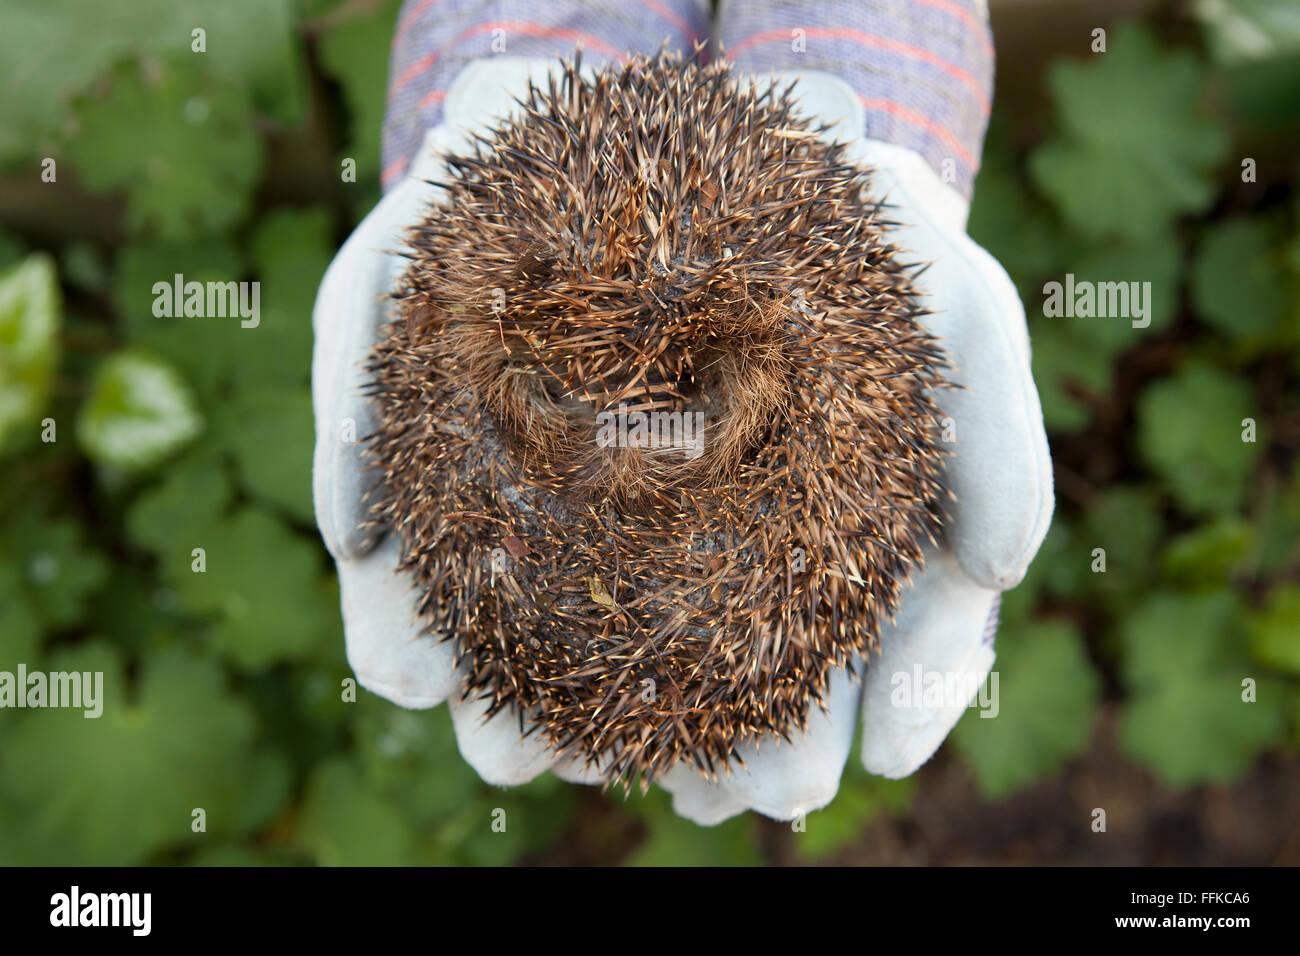 Rolled up hedgehog on hands - Stock Image